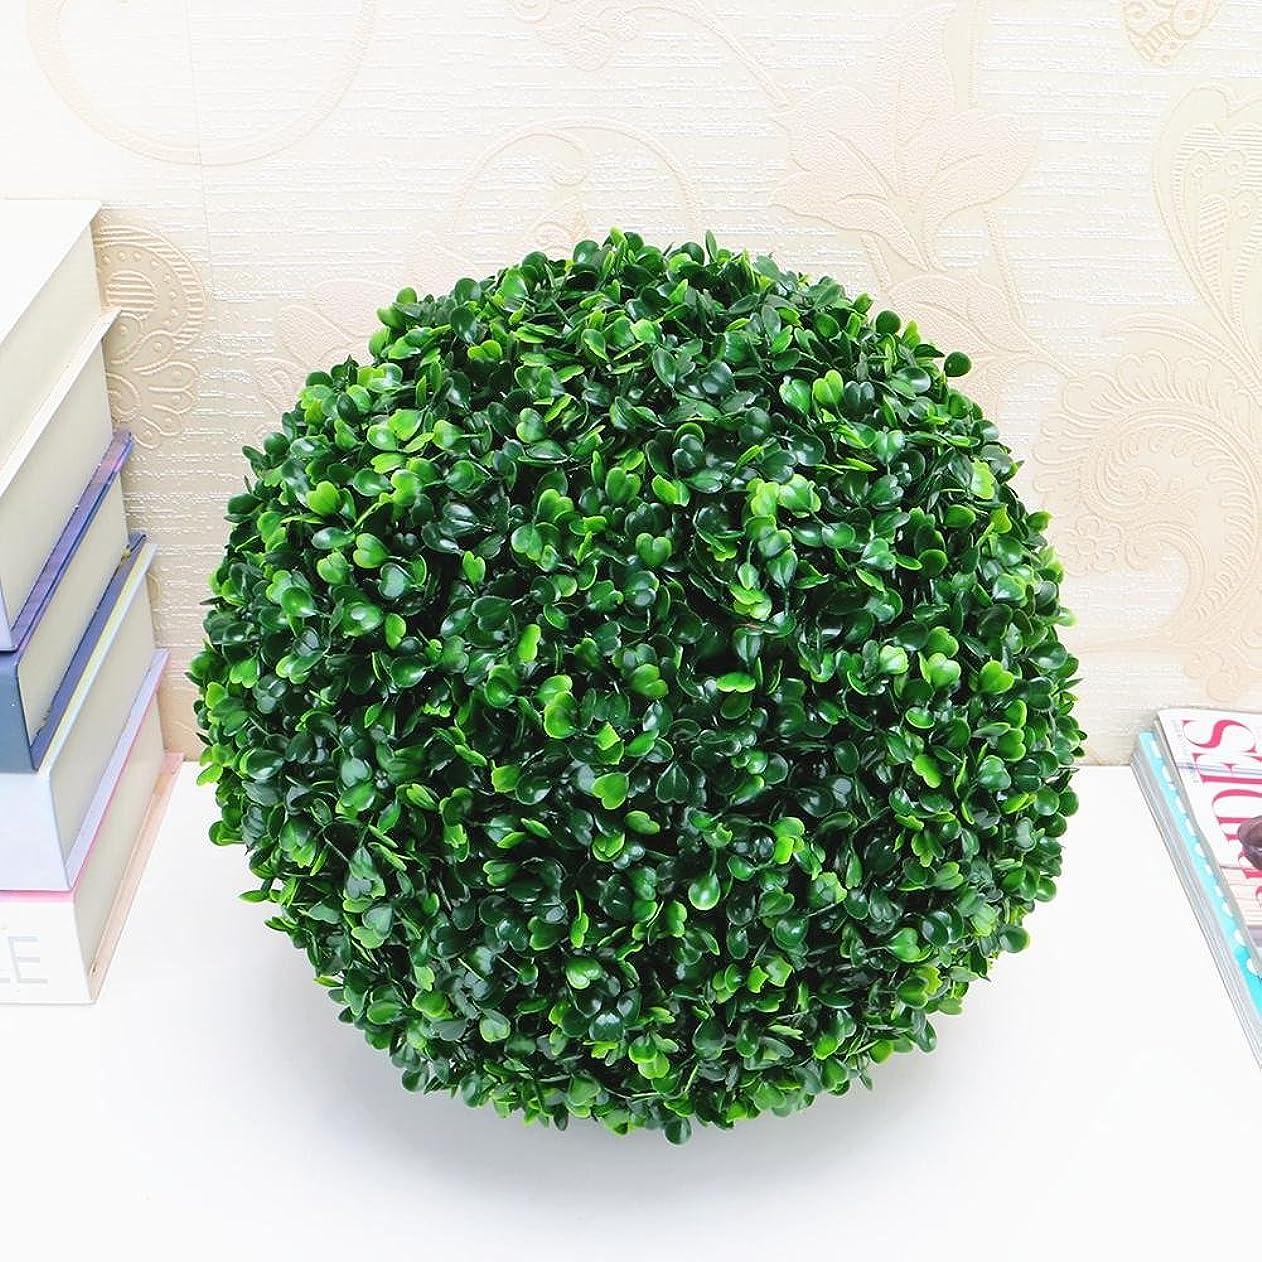 盆加入名詞Jicorzo - 1 PCのシミュレートプラスチックままボール人工芝ボールホームパーティー結婚式の装飾[20センチメートル]